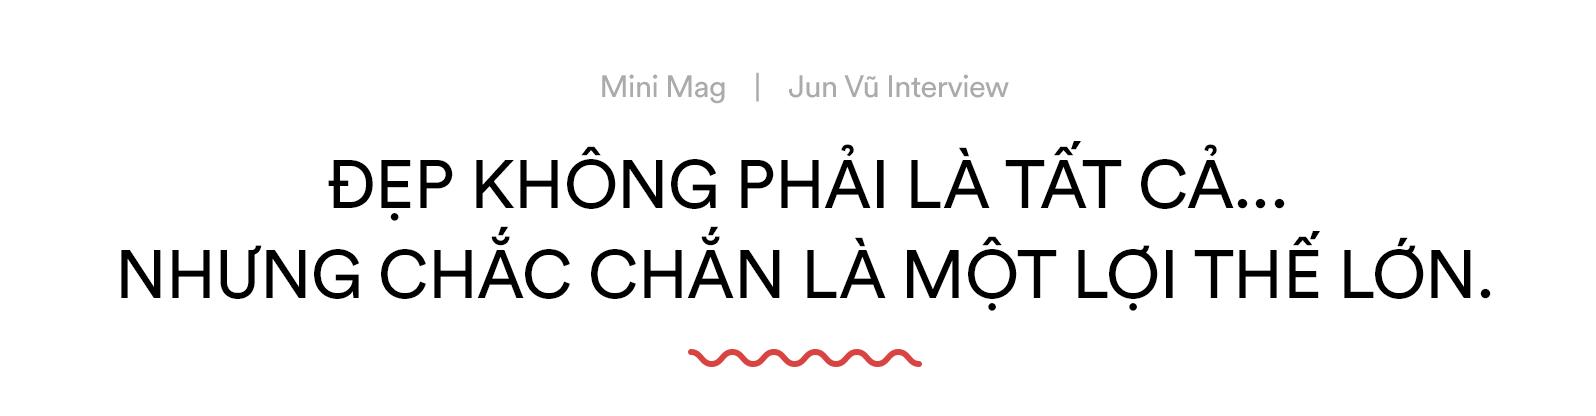 """Jun Vũ: Đẹp không phải là tất cả, nhưng chắc chắn là một lợi thế lớn với tôi!"""" - Ảnh 5."""